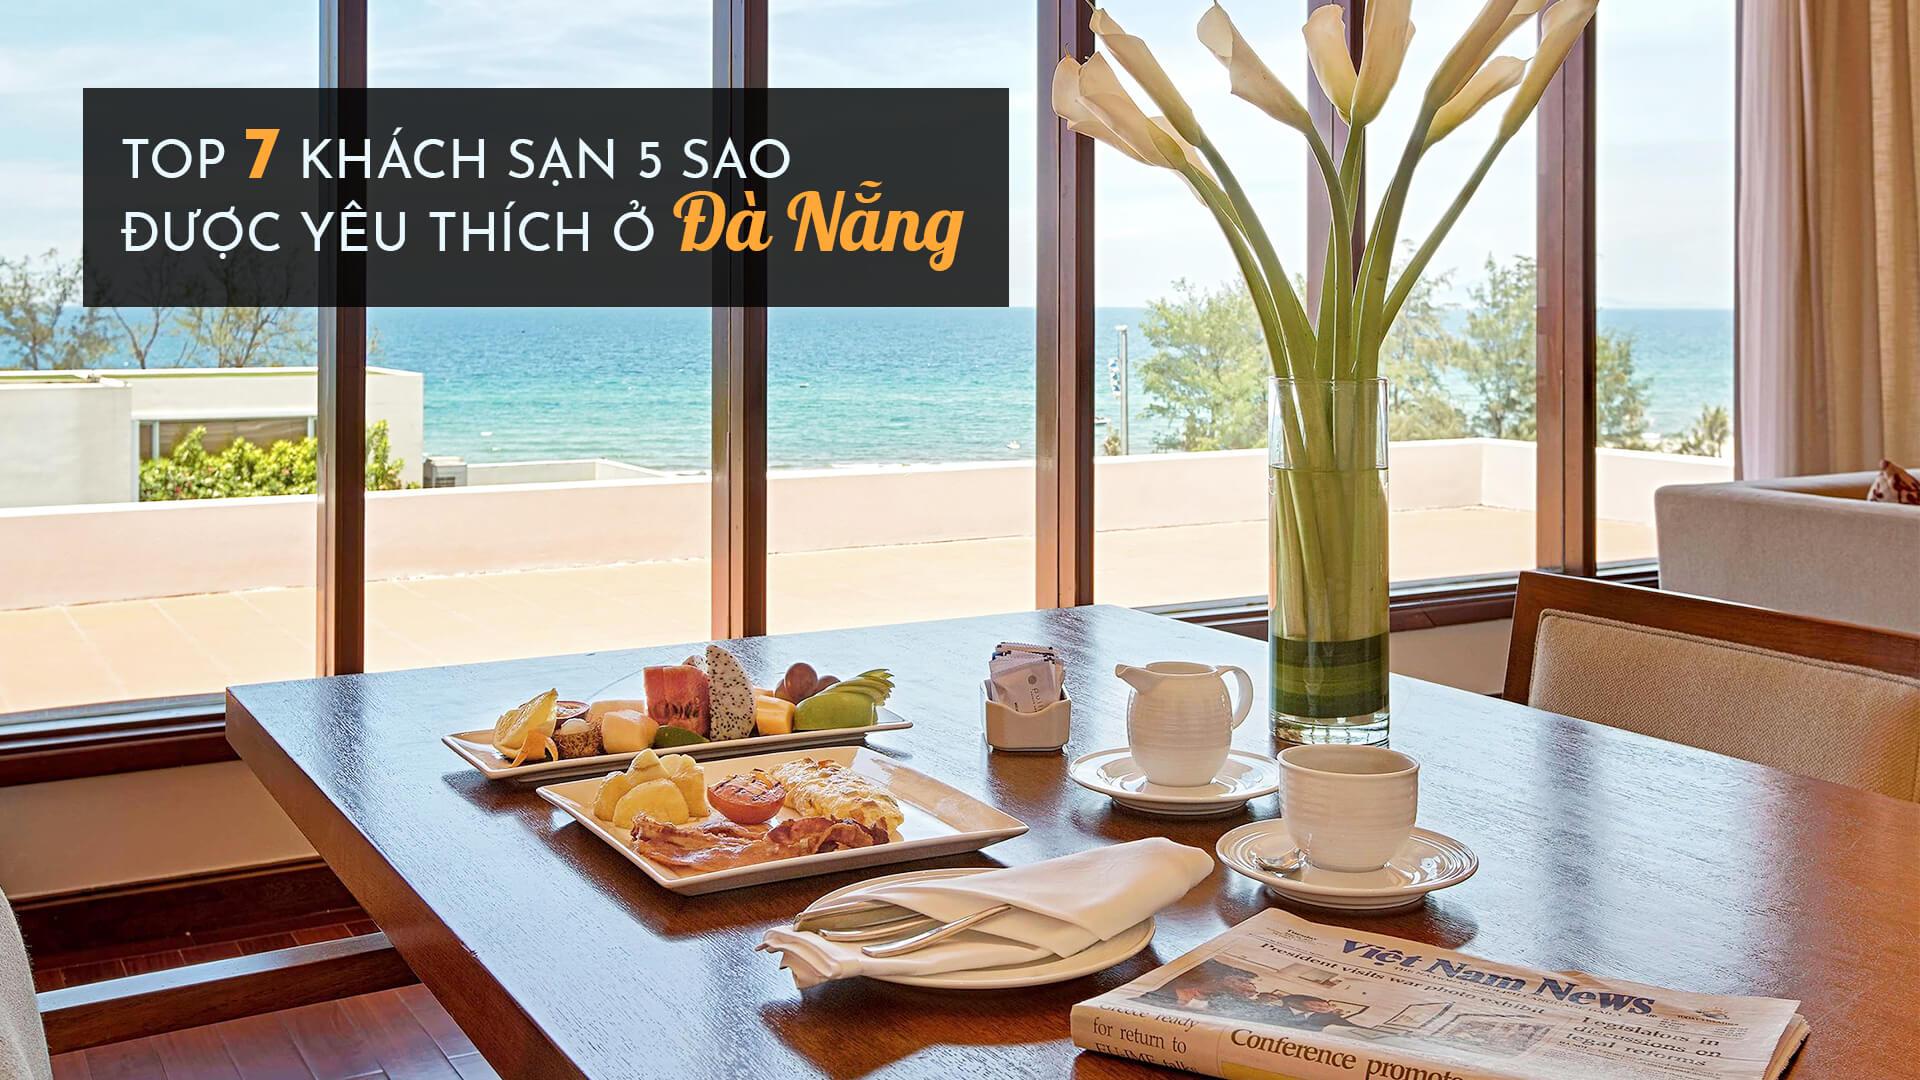 Top 7 khách sạn 5 sao được yêu thích ở Đà Nẵng